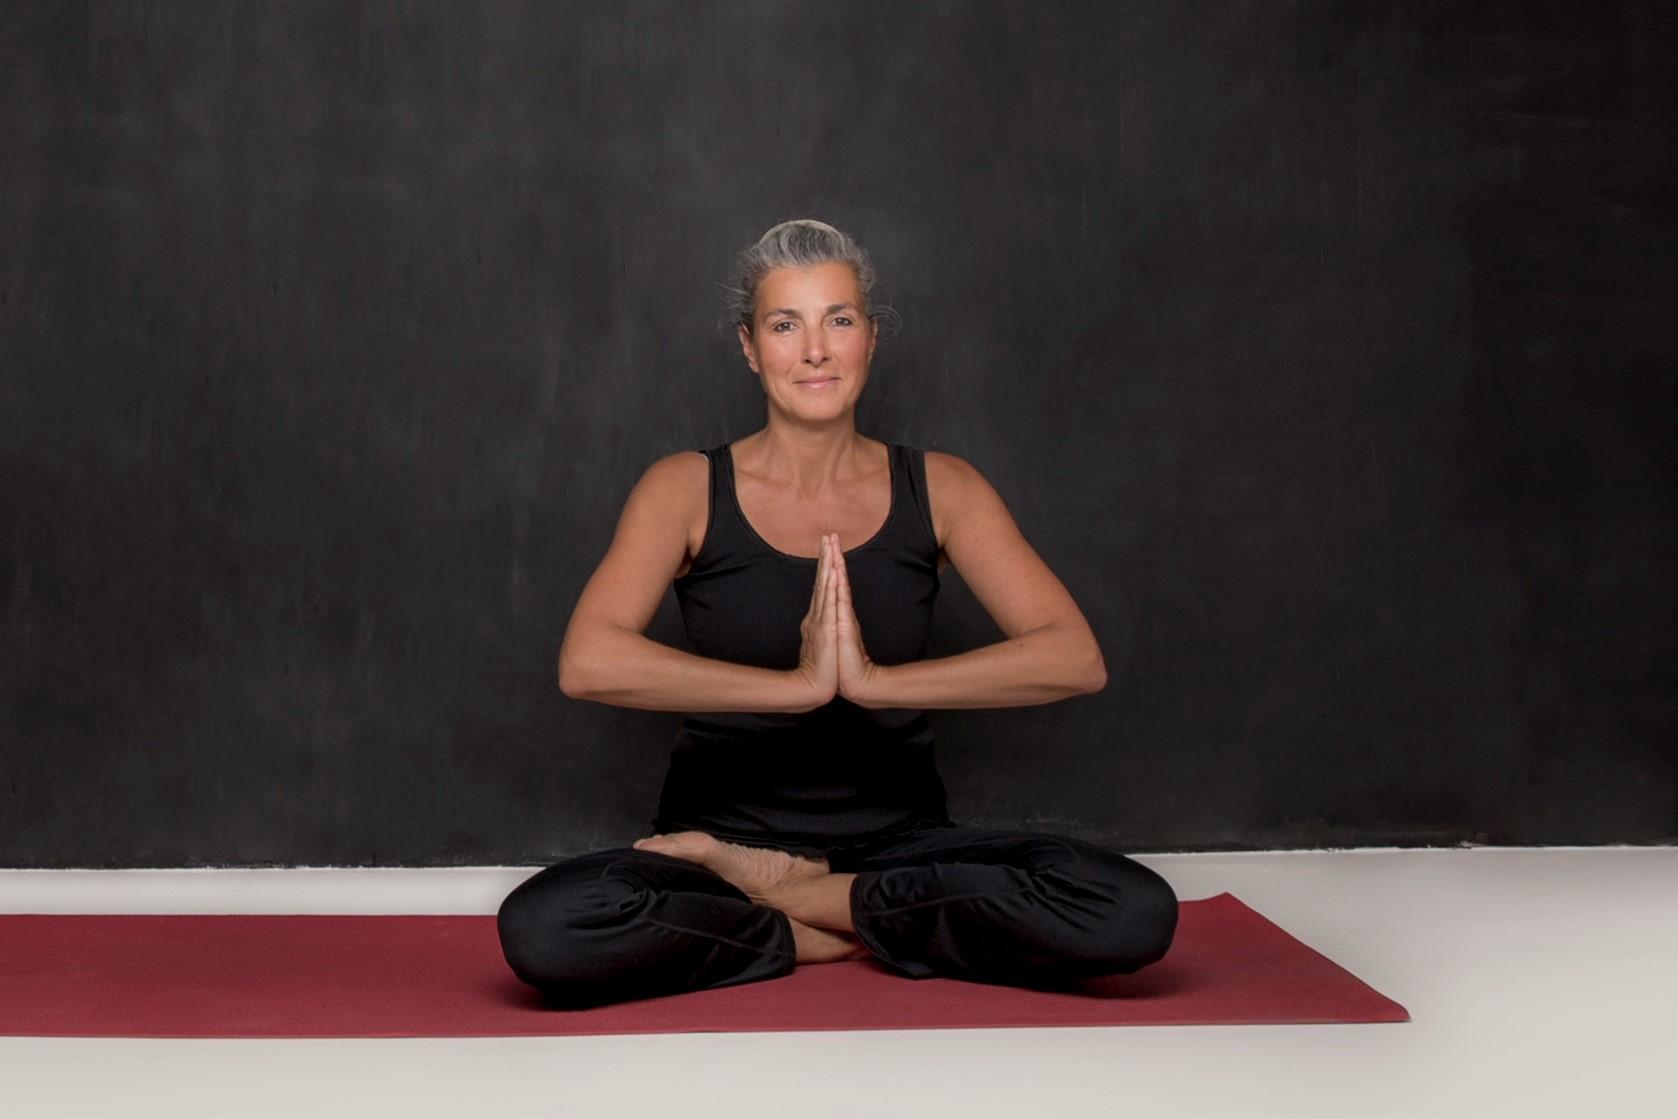 Foto von Dorothee Schlag, Zegos - ZEntrum für Gesundheit Osnabrück - Yoga